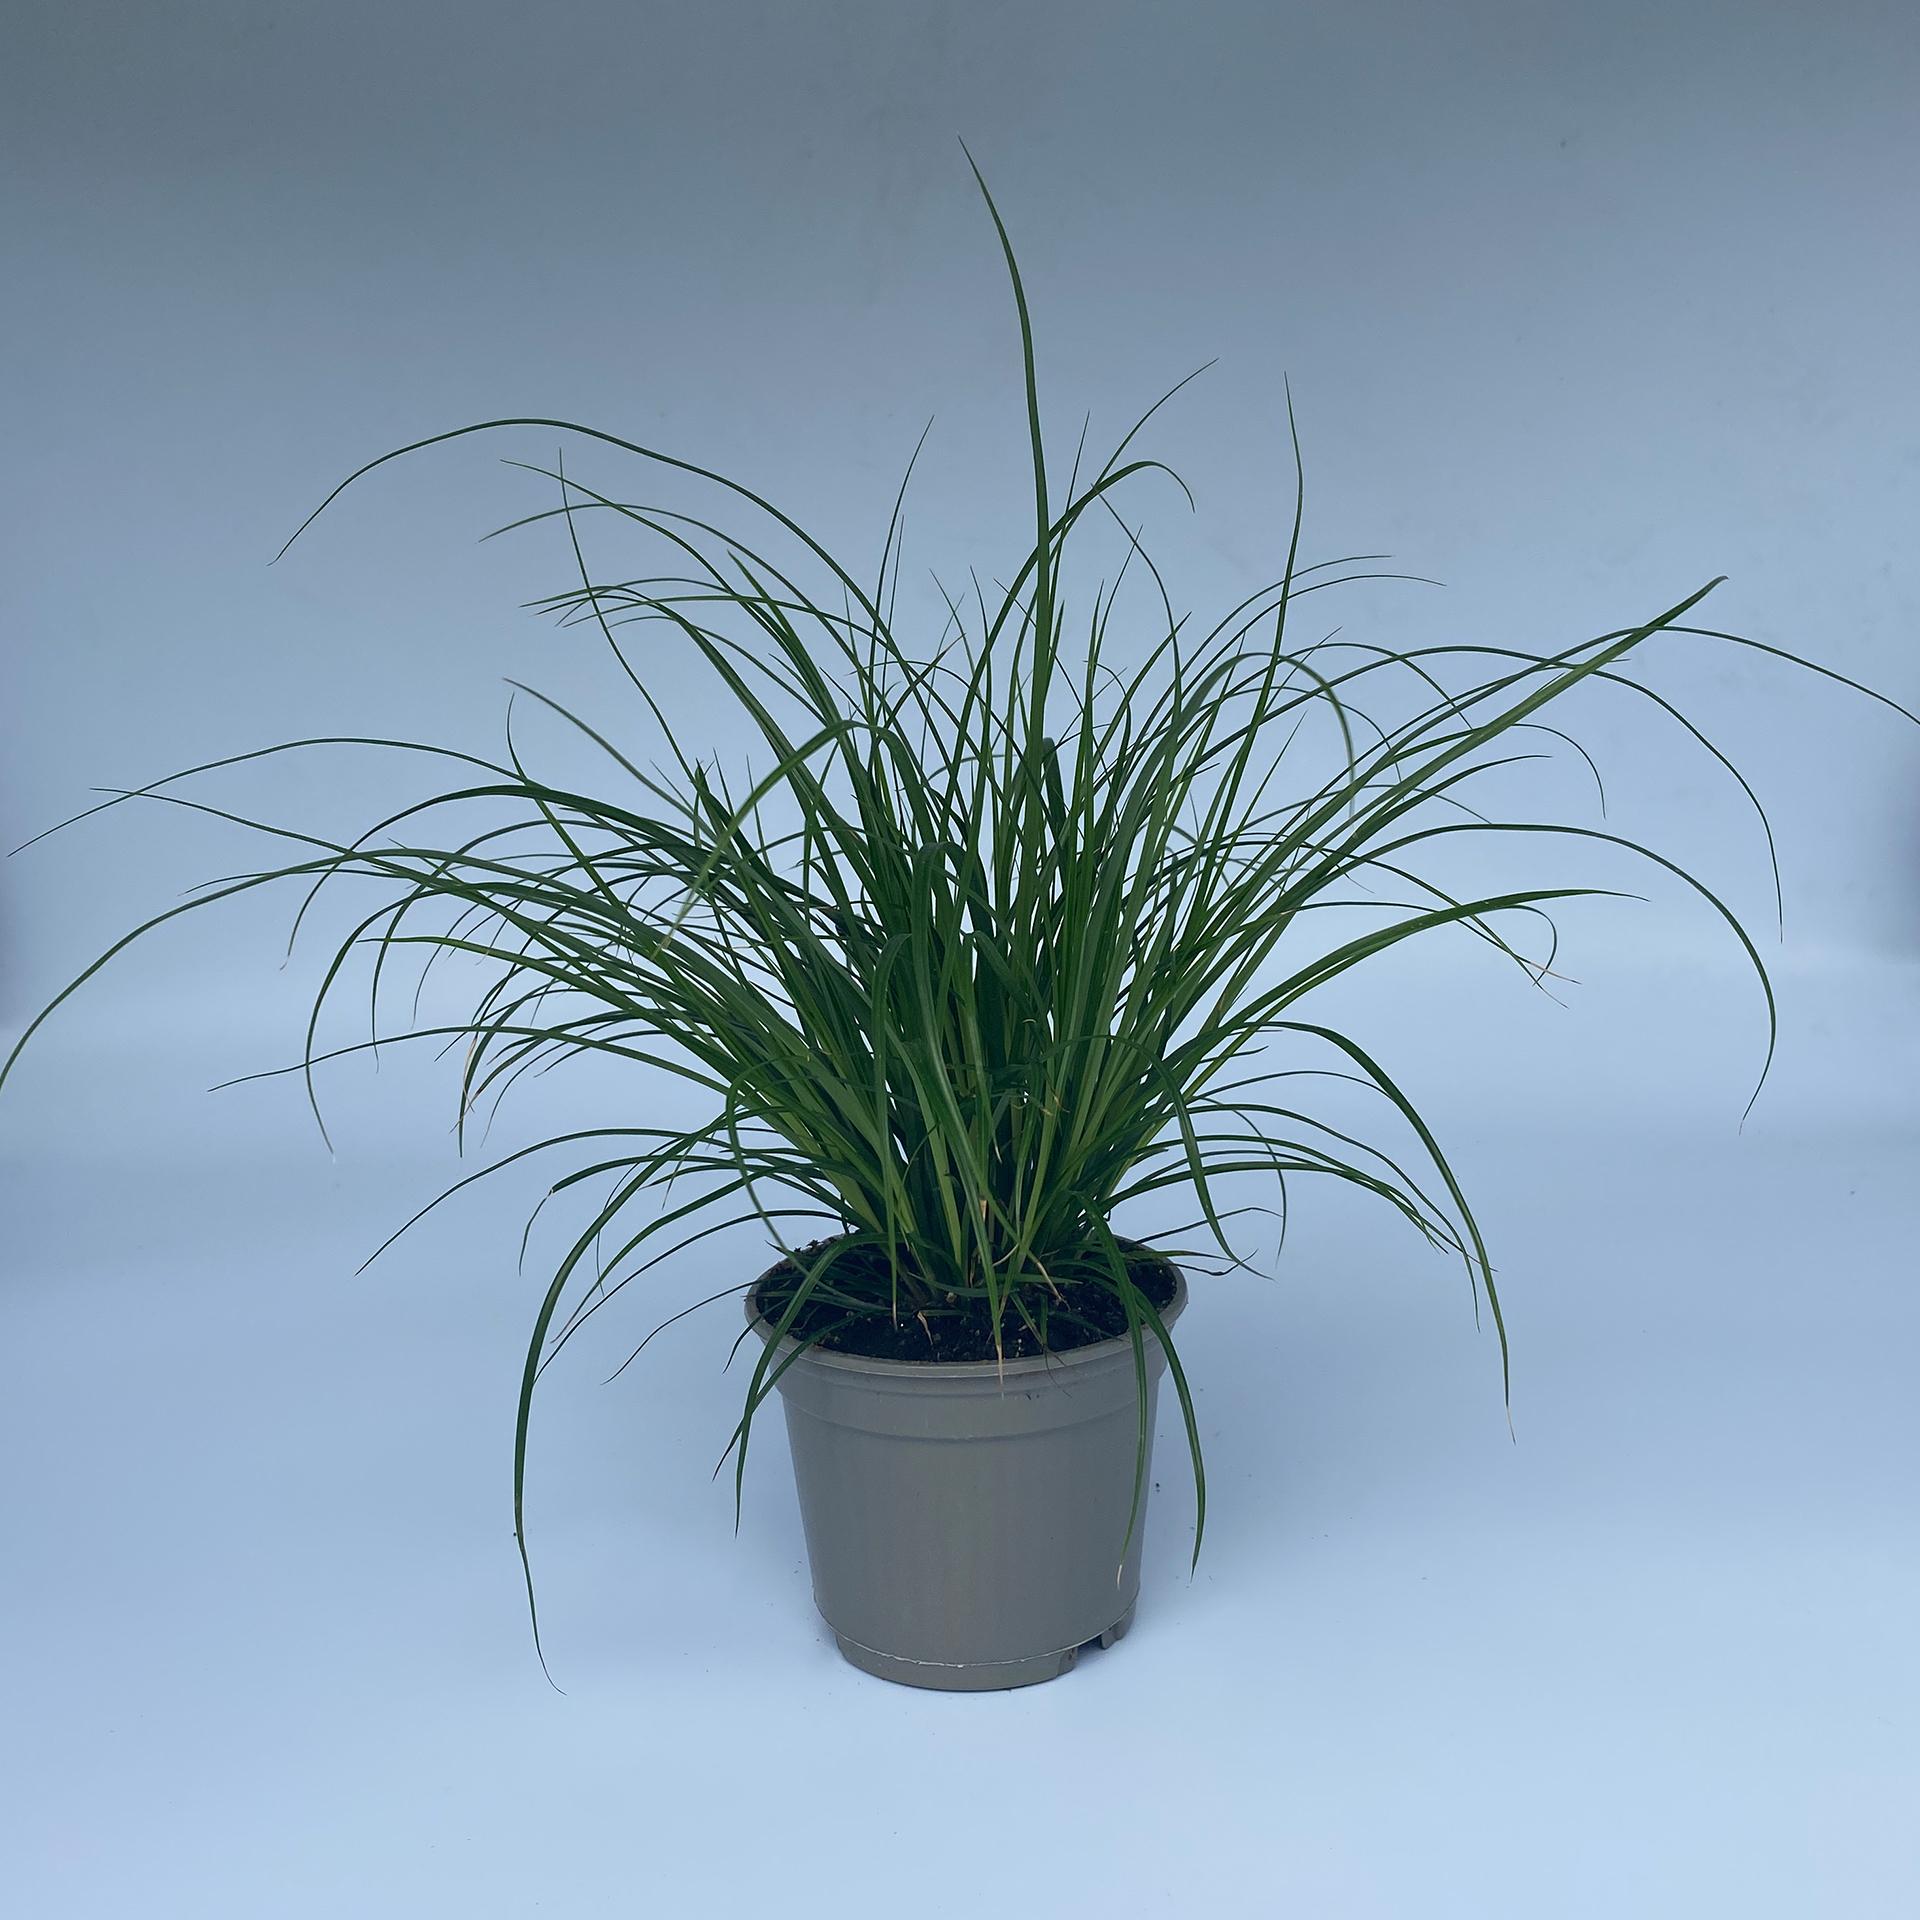 Bräunliche Segge - Carex brunnera, 9cm Topf